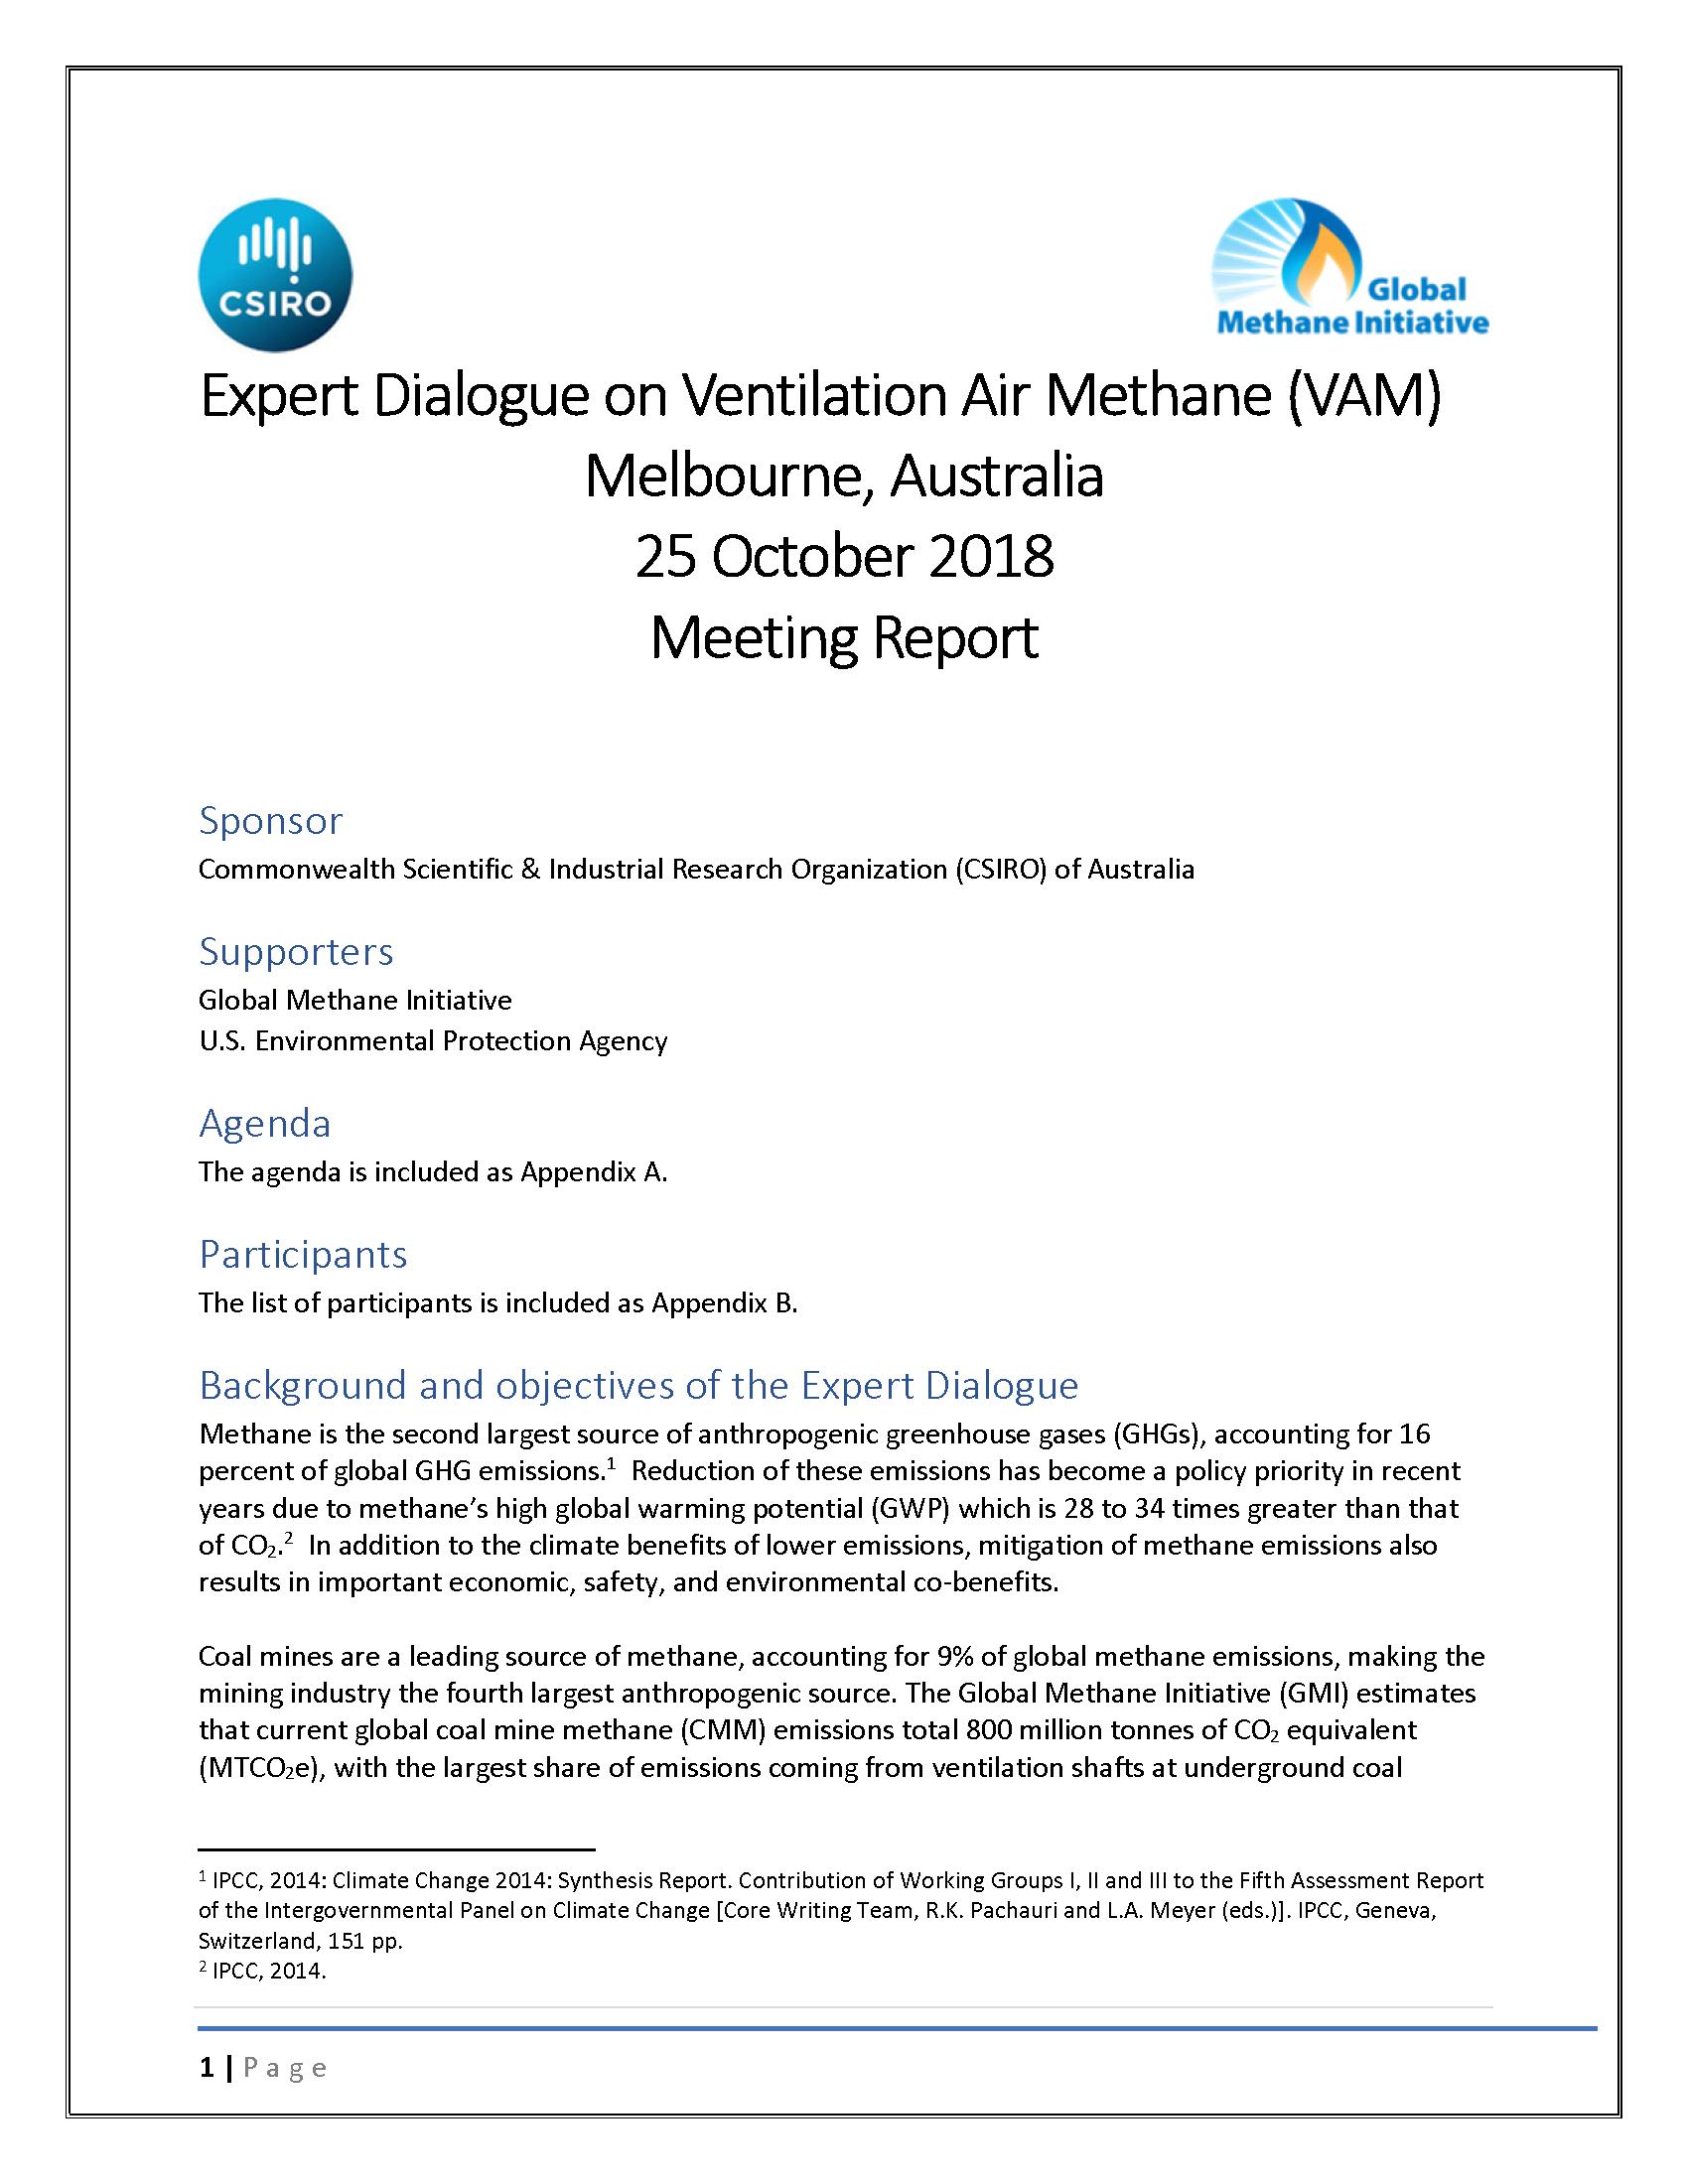 COAL MINES | Global Methane Initiative